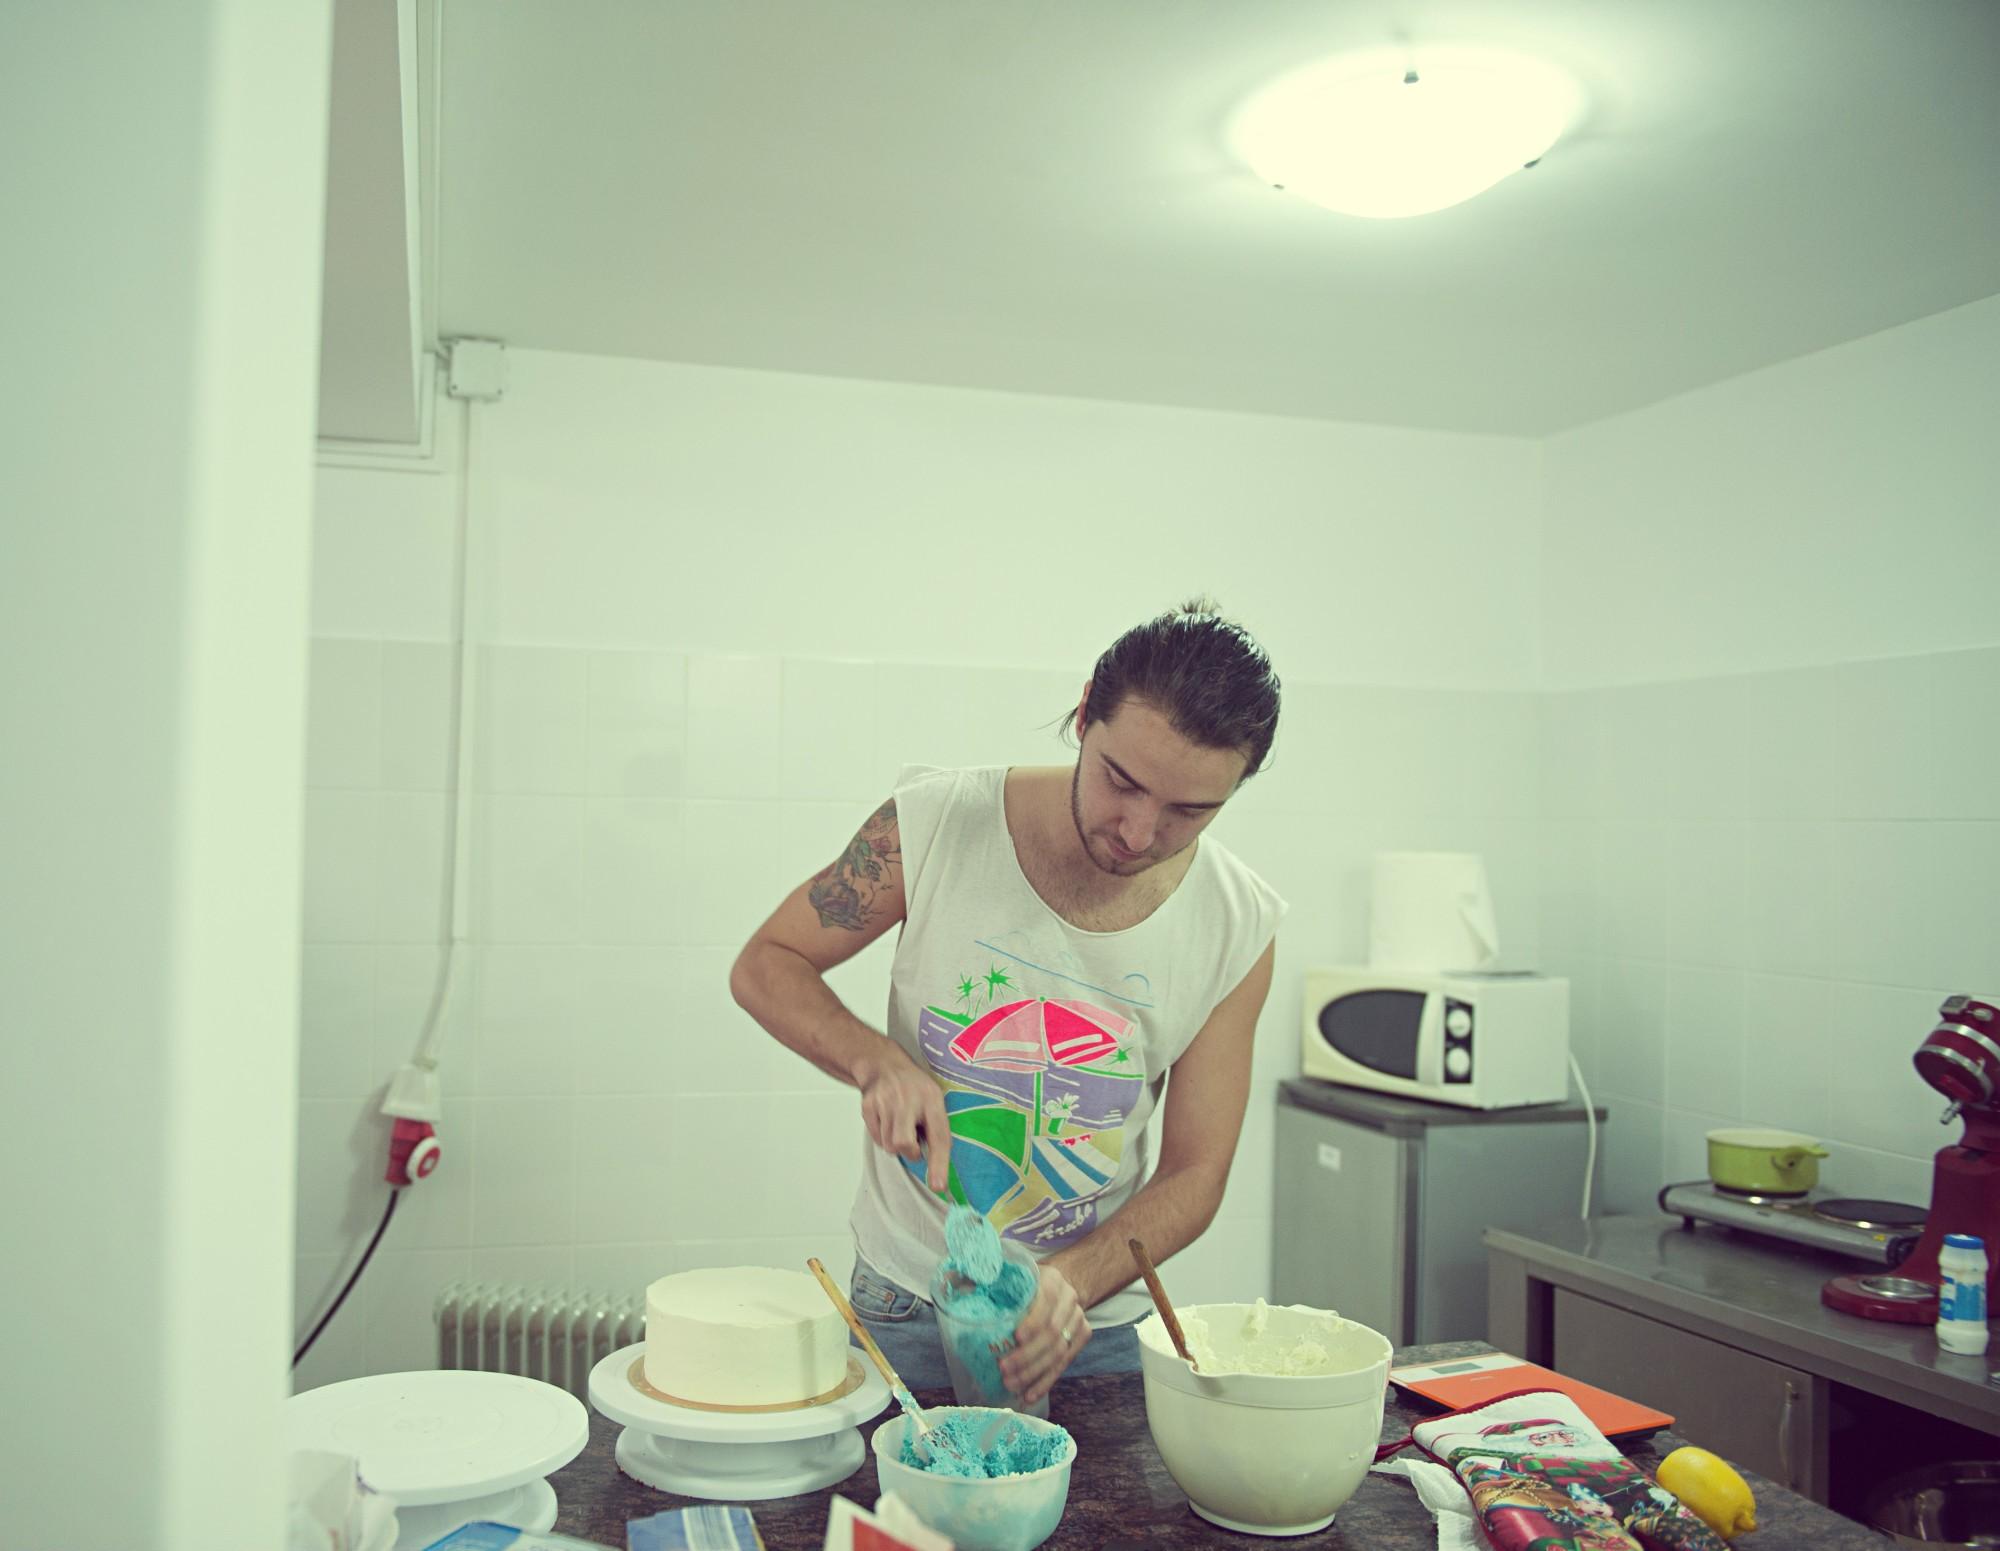 daddycool bakings3